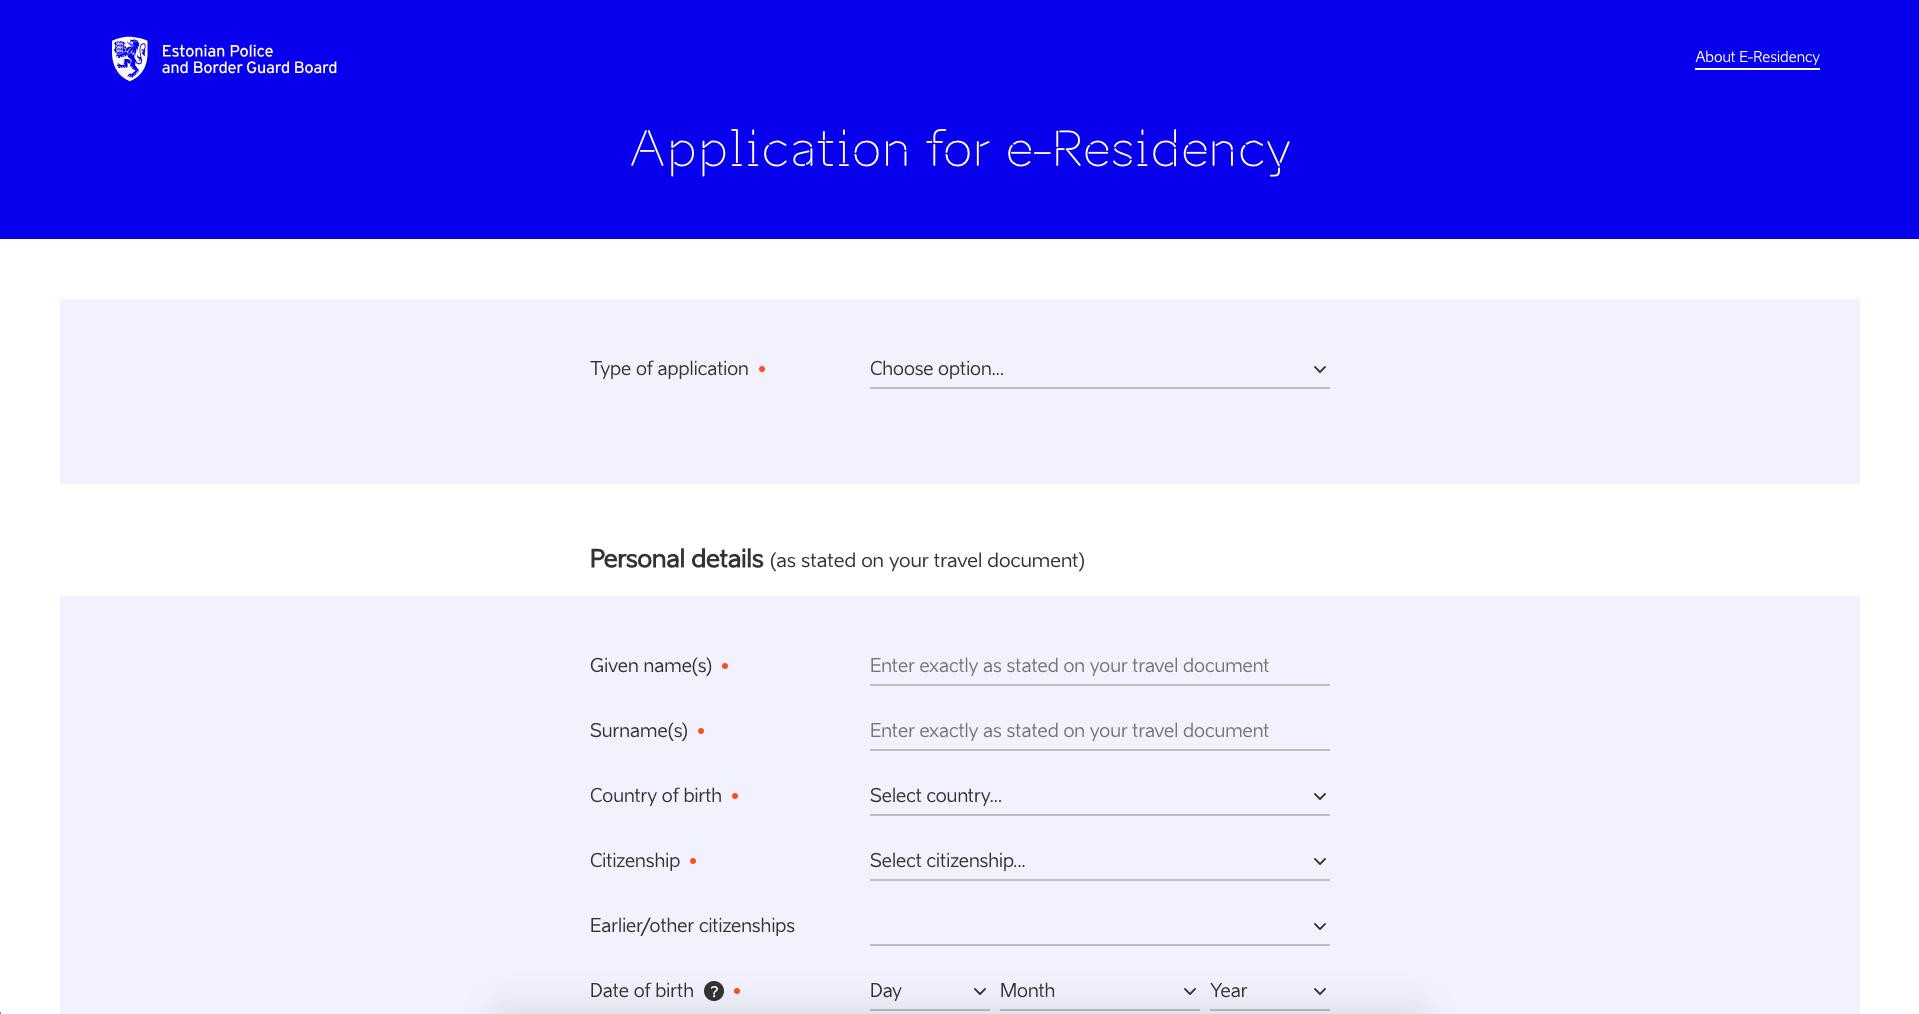 e-Residency form